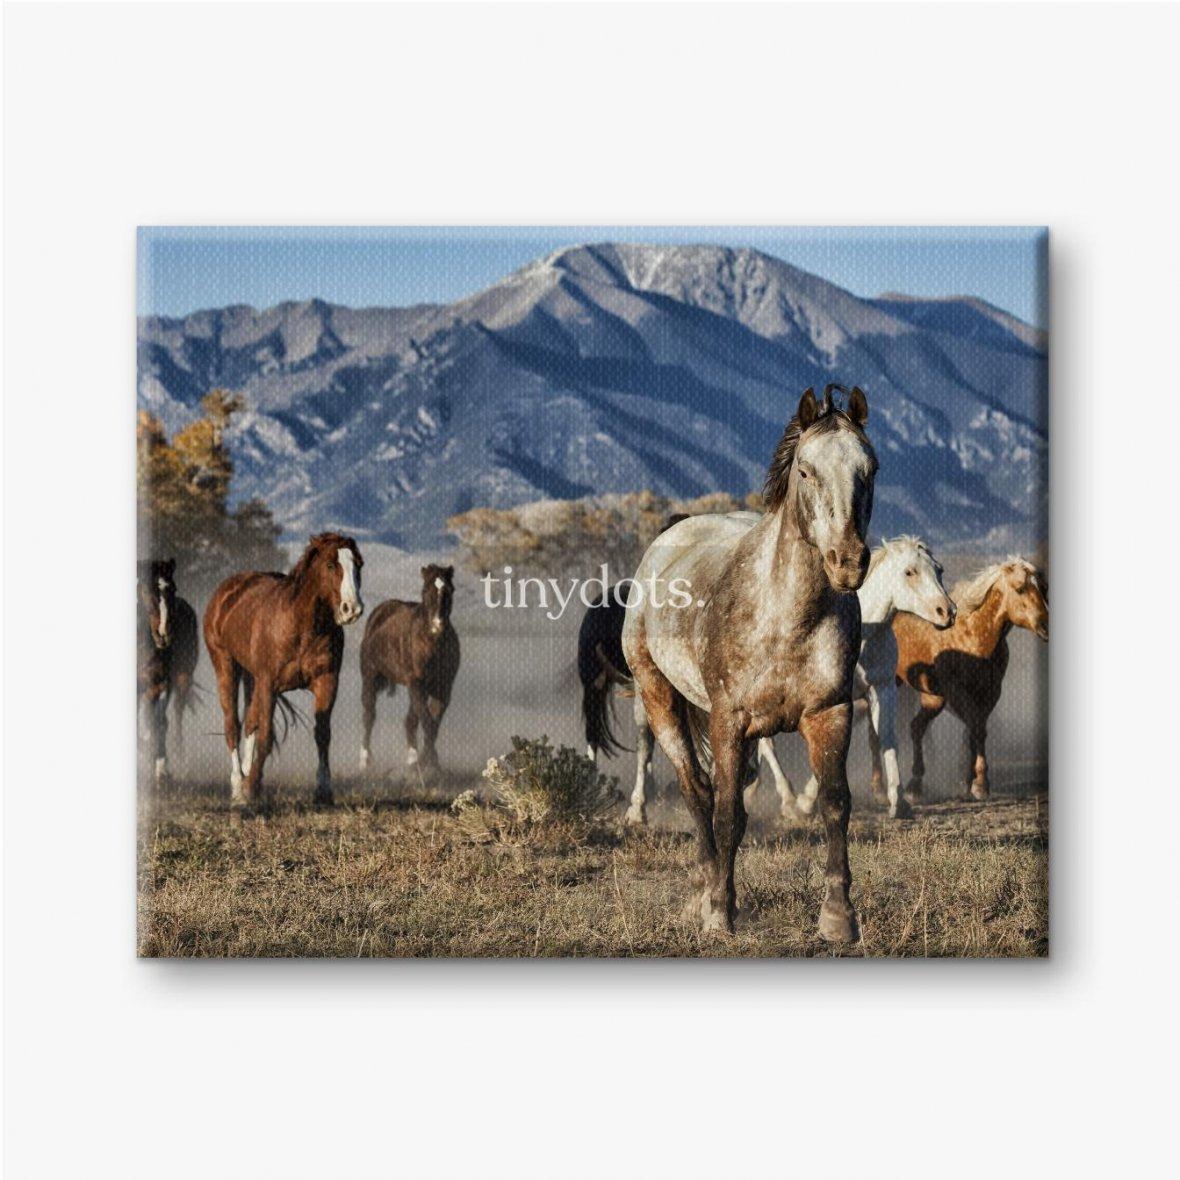 Leinwandbilder Ein Anführer von Laufpferden mit Bergkulisse